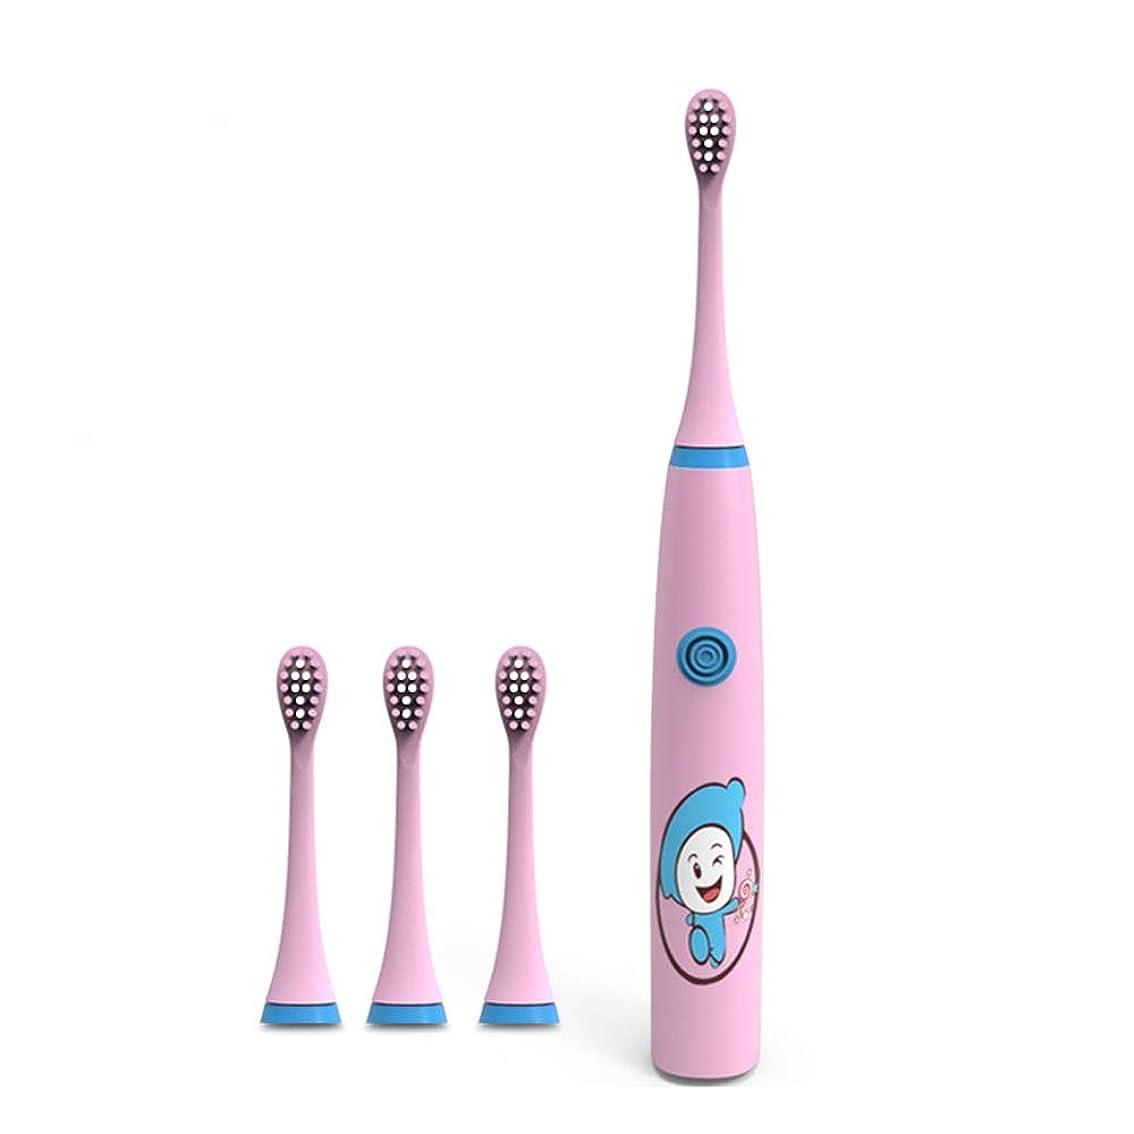 見分ける横向き原油自動歯ブラシ 子供の防水USB充電ベースの柔らかい髪のきれいなかわいい電動歯ブラシで (色 : ピンク, サイズ : Free size)